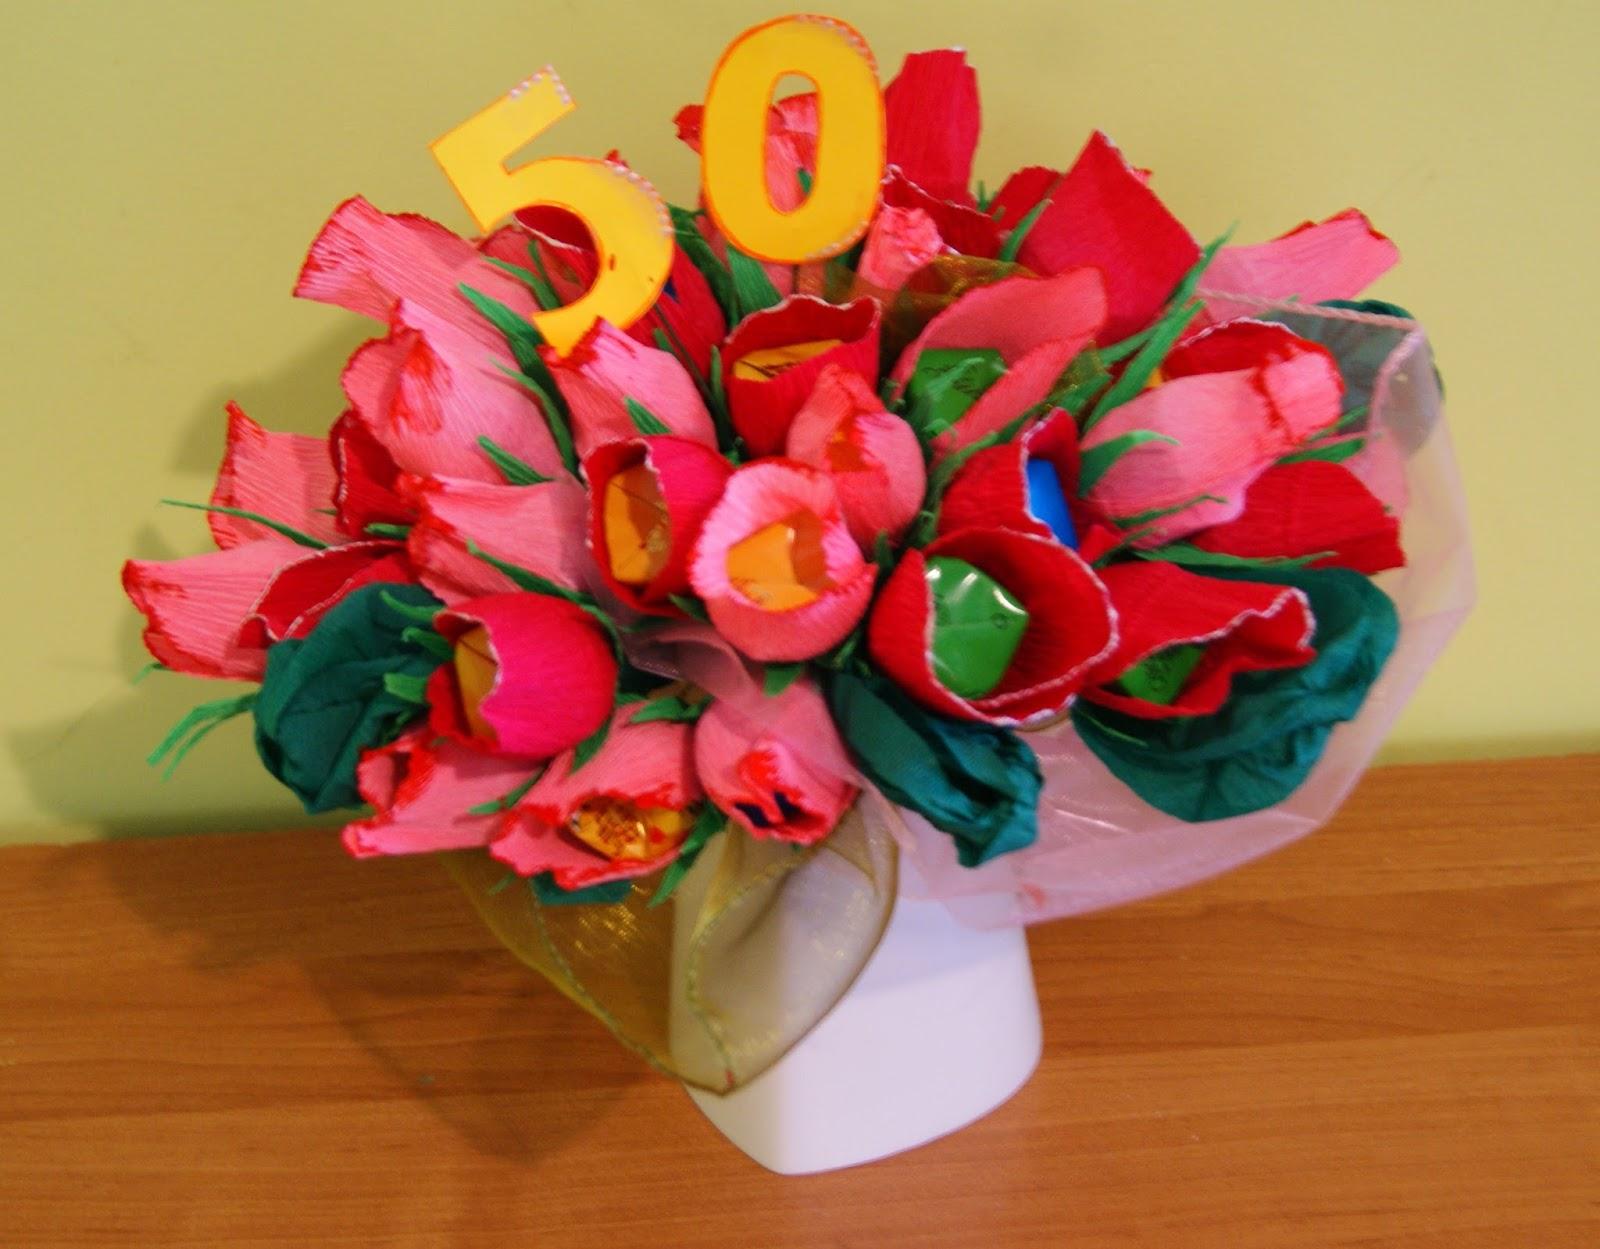 Bardzo dobryFantastyczny Rękodzieło - moja pasja w wolnym czasie : bukiet z 50 cukierków DQ22